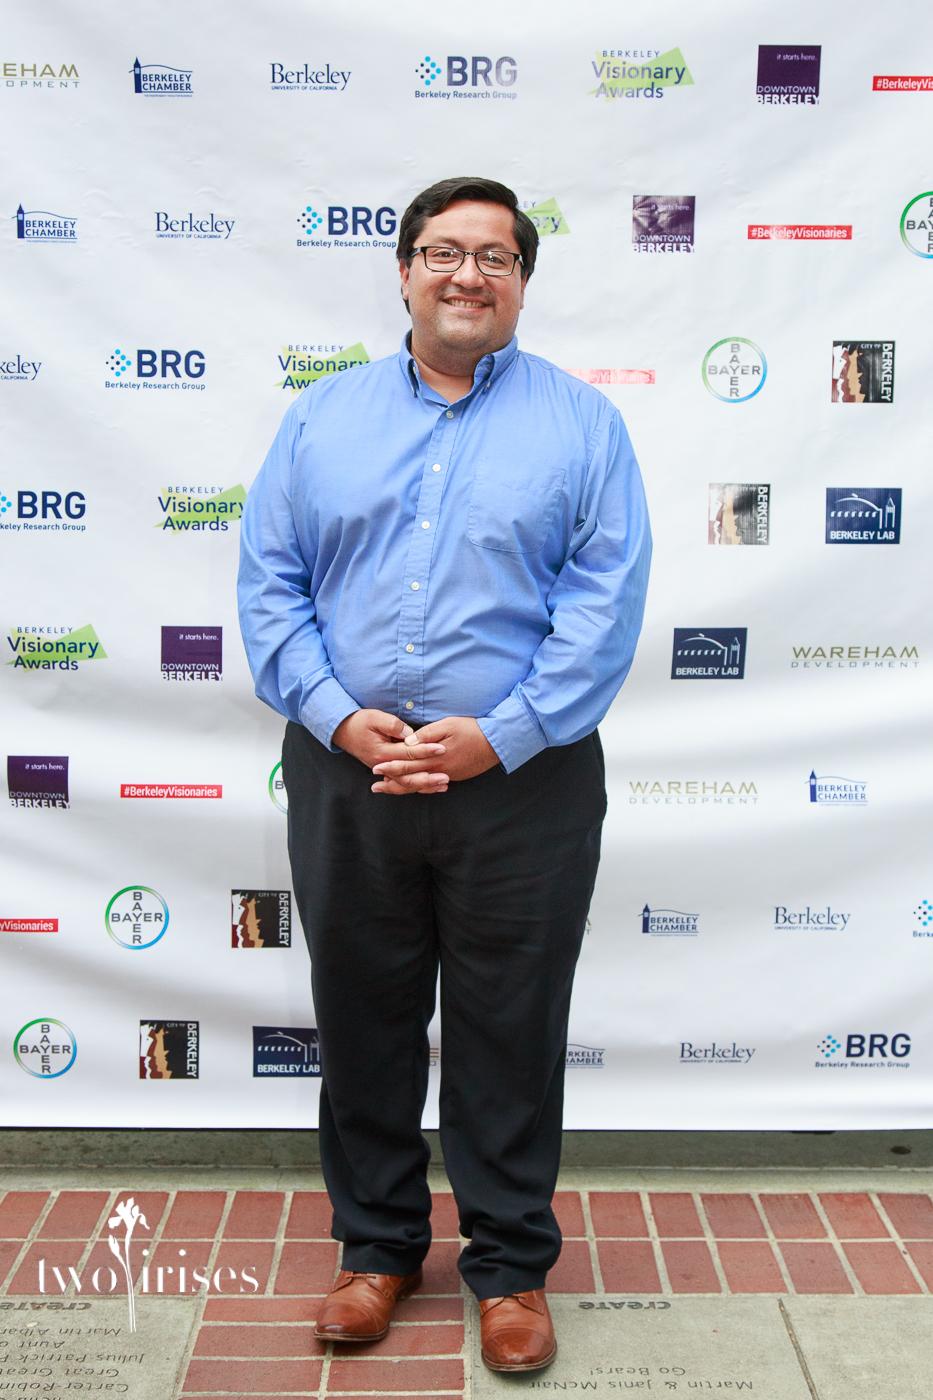 berk_visionary_awards-web27.jpg